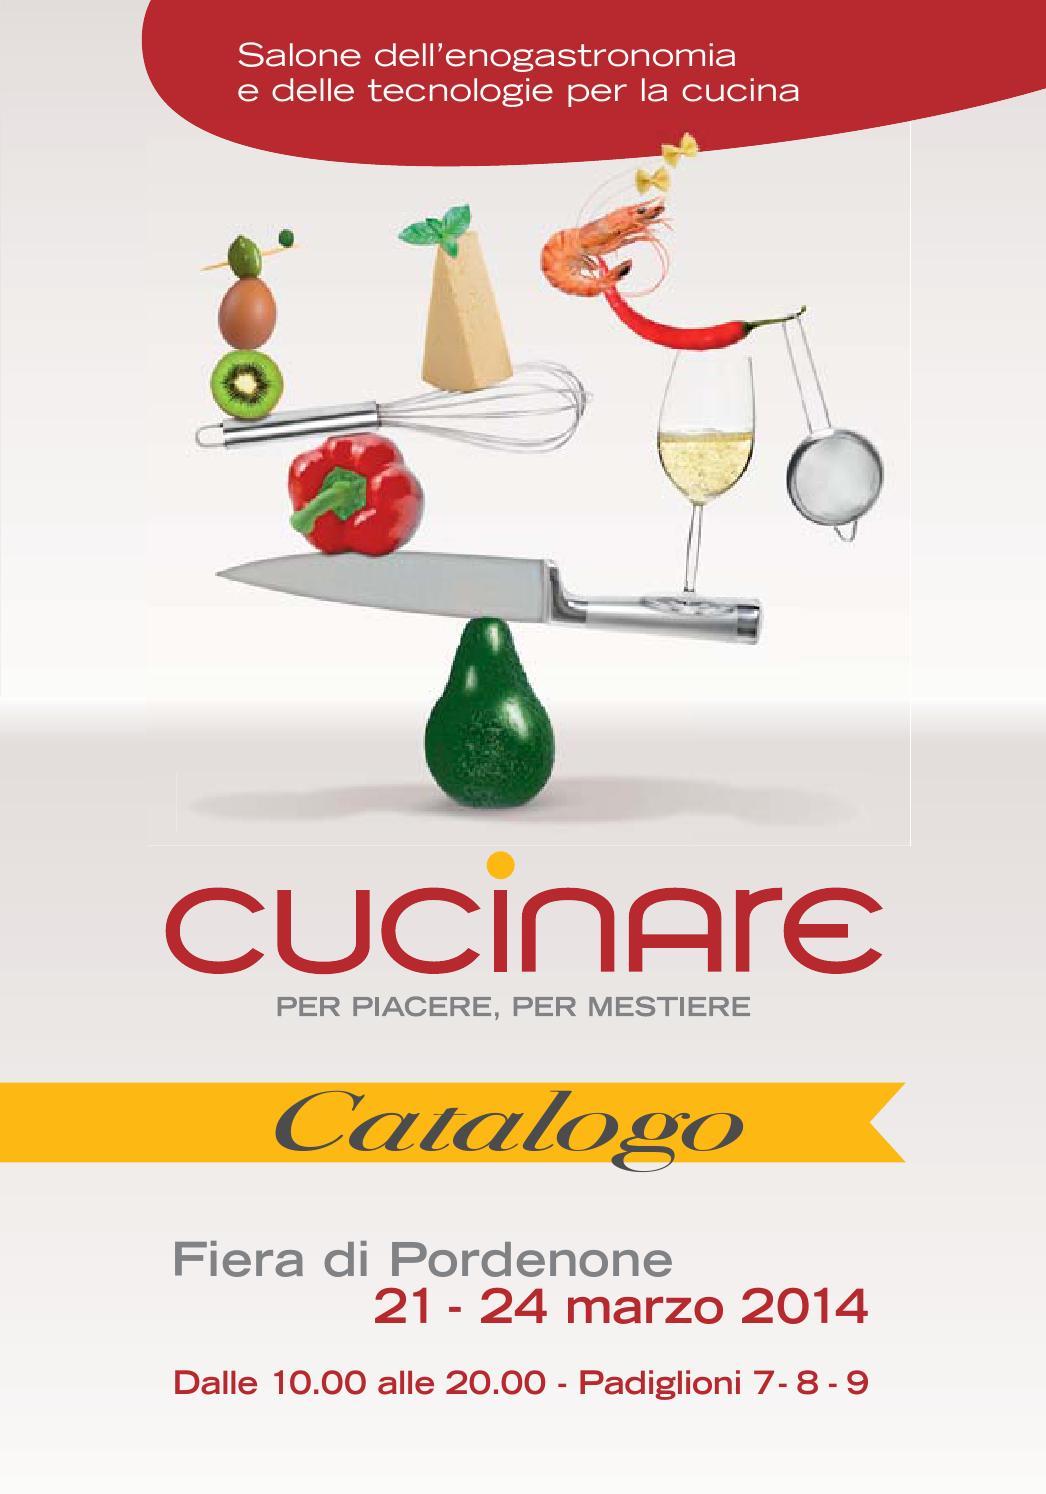 Cucinare per piacere per mestiere catalogo 2014 by for Fiera di pordenone